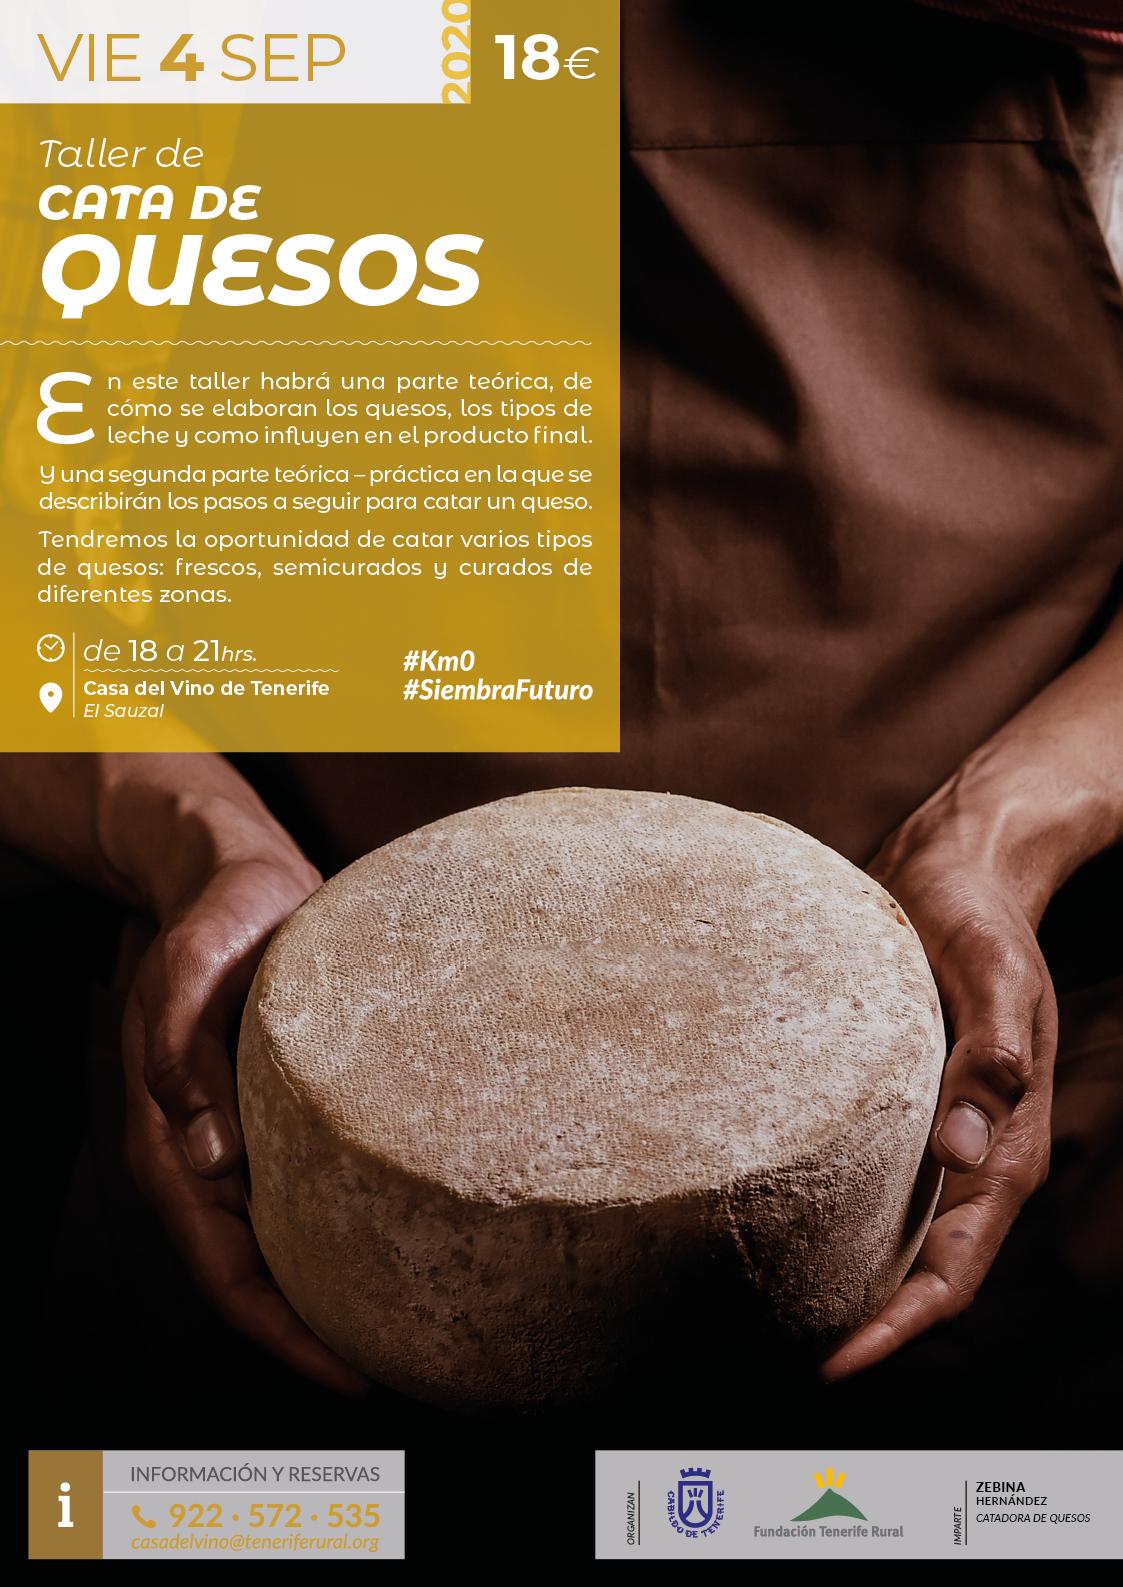 Taller de Cata de Quesos, impartido por Zebina Hernández, el próximo 4 de septiembre de 2020 en la Casa del Vino de Tenerife